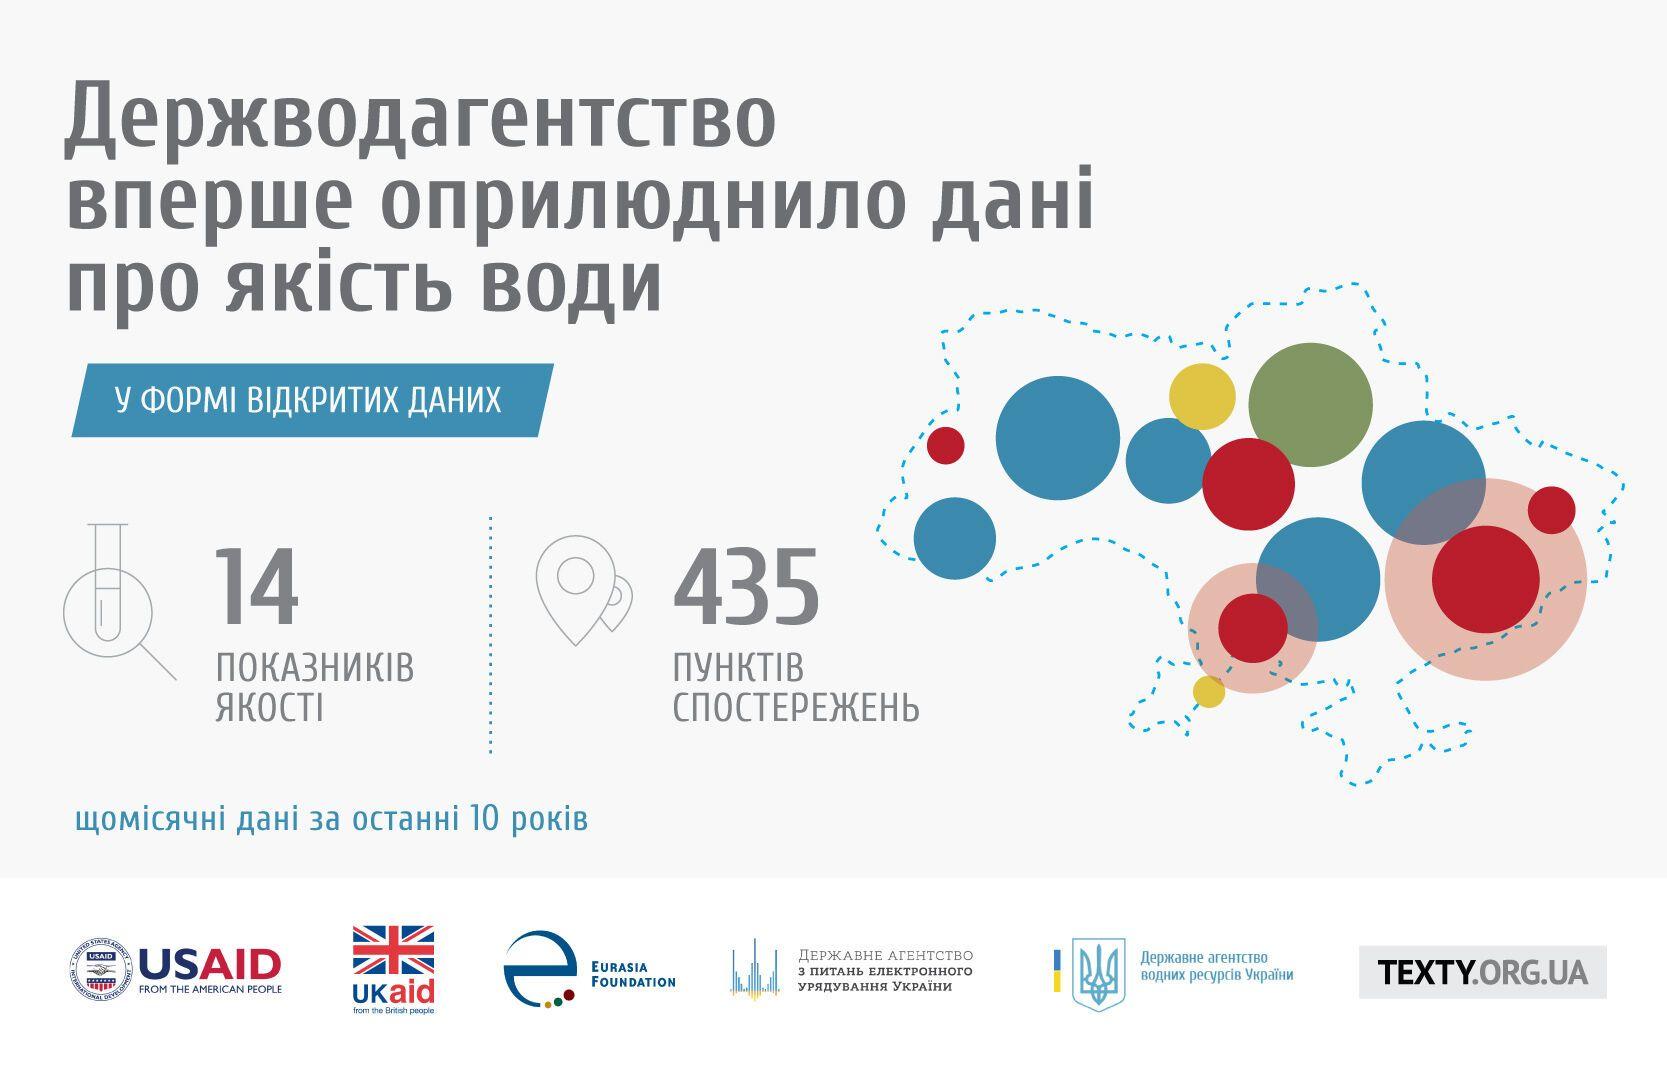 Украина обнародовала данные о качестве воды